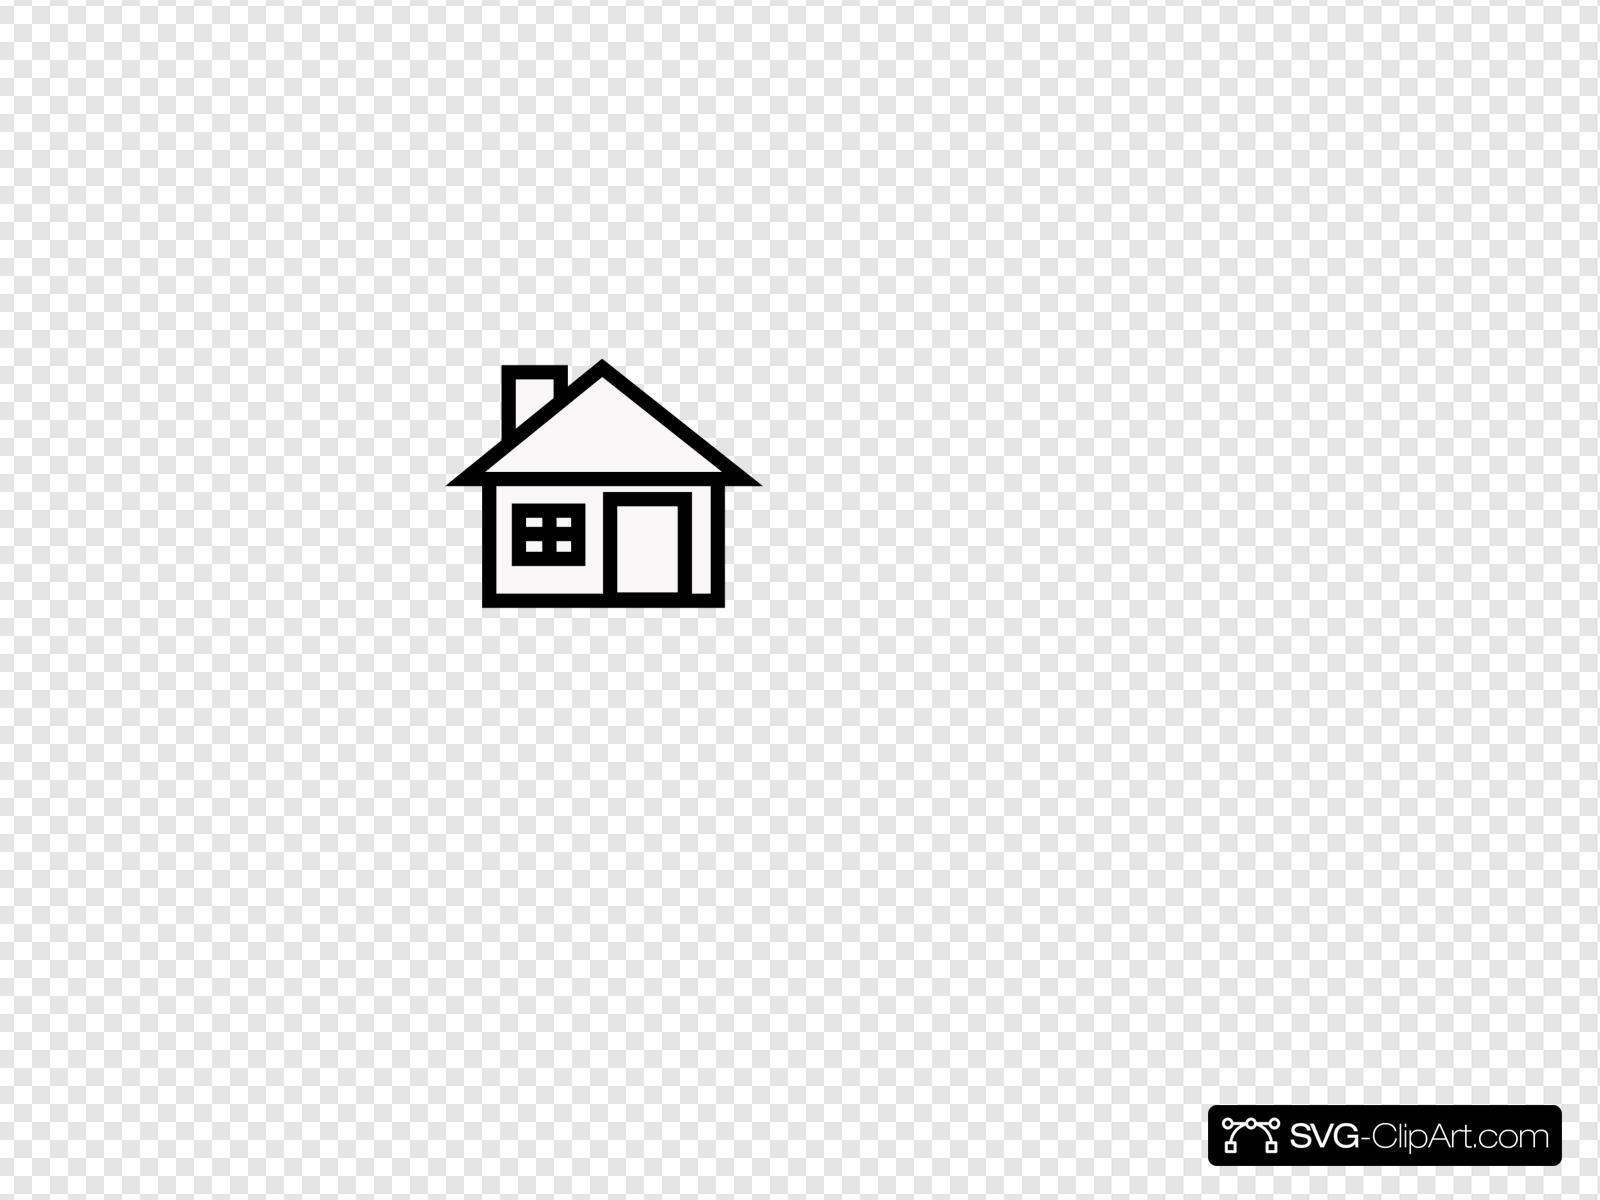 Qhs clipart clip art freeuse House Clip art, Icon and SVG - SVG Clipart clip art freeuse